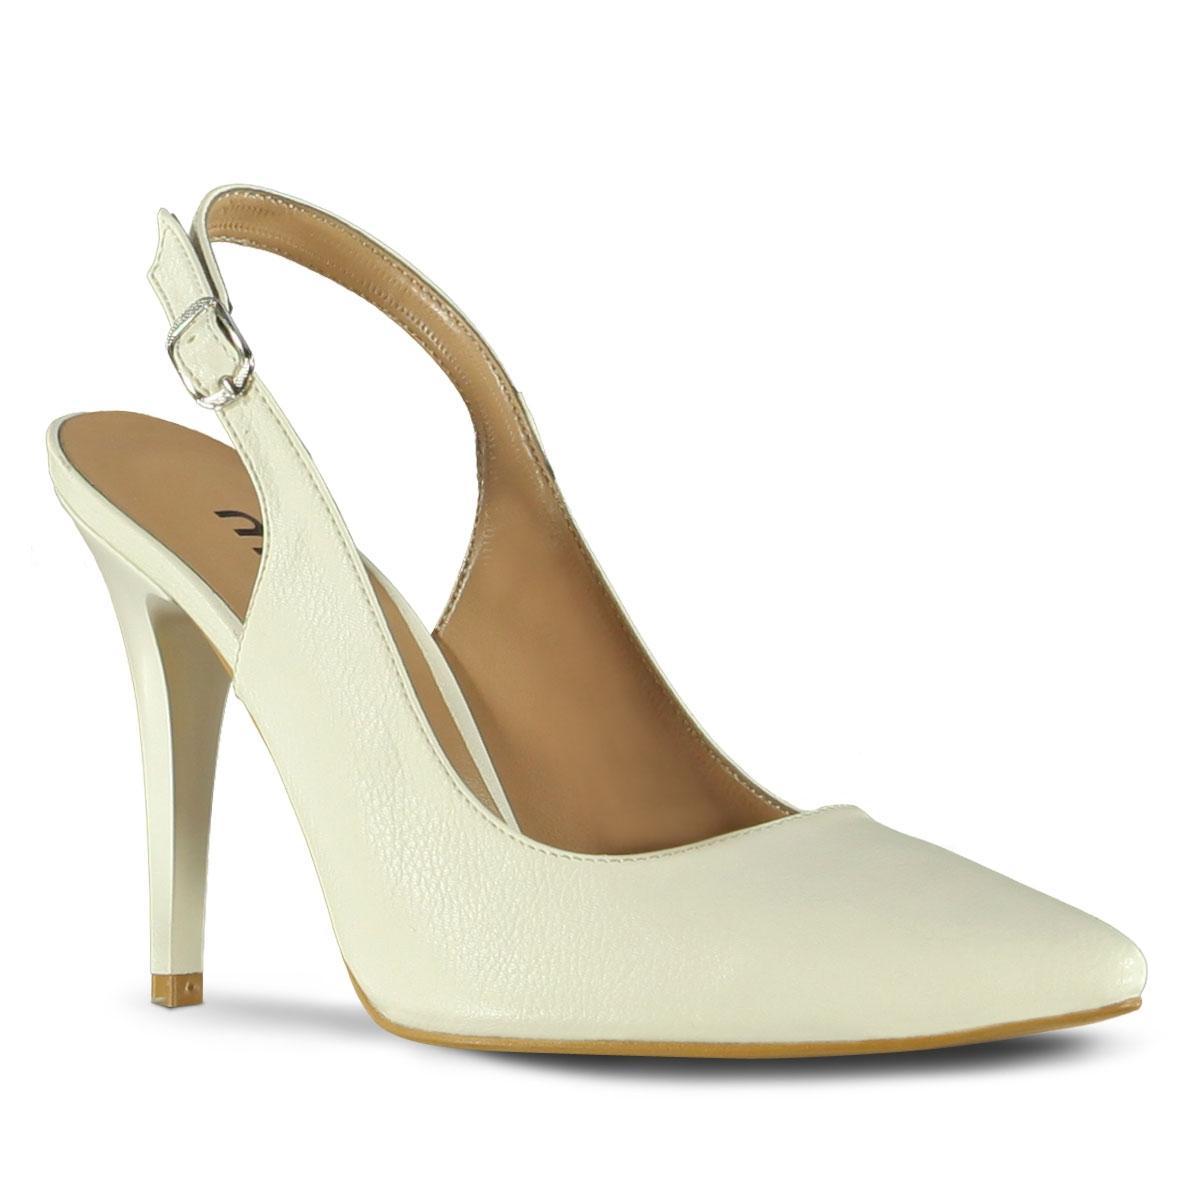 beyaz-topuklu-gelin-ayakkabi-modelleri-4